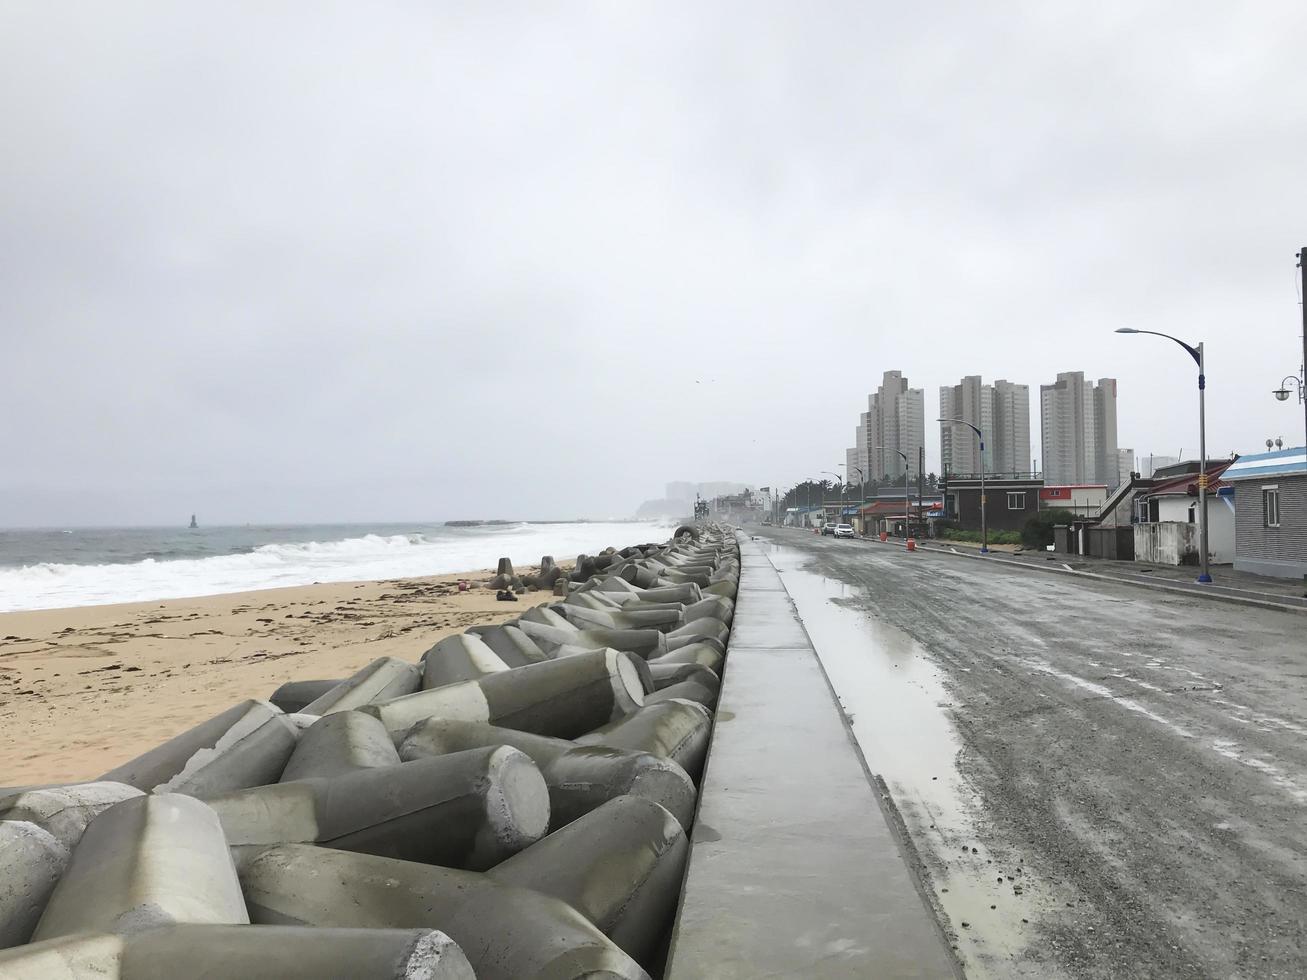 sokcho stad efter tyfonen i Sydkorea. dåligt väder på havet foto